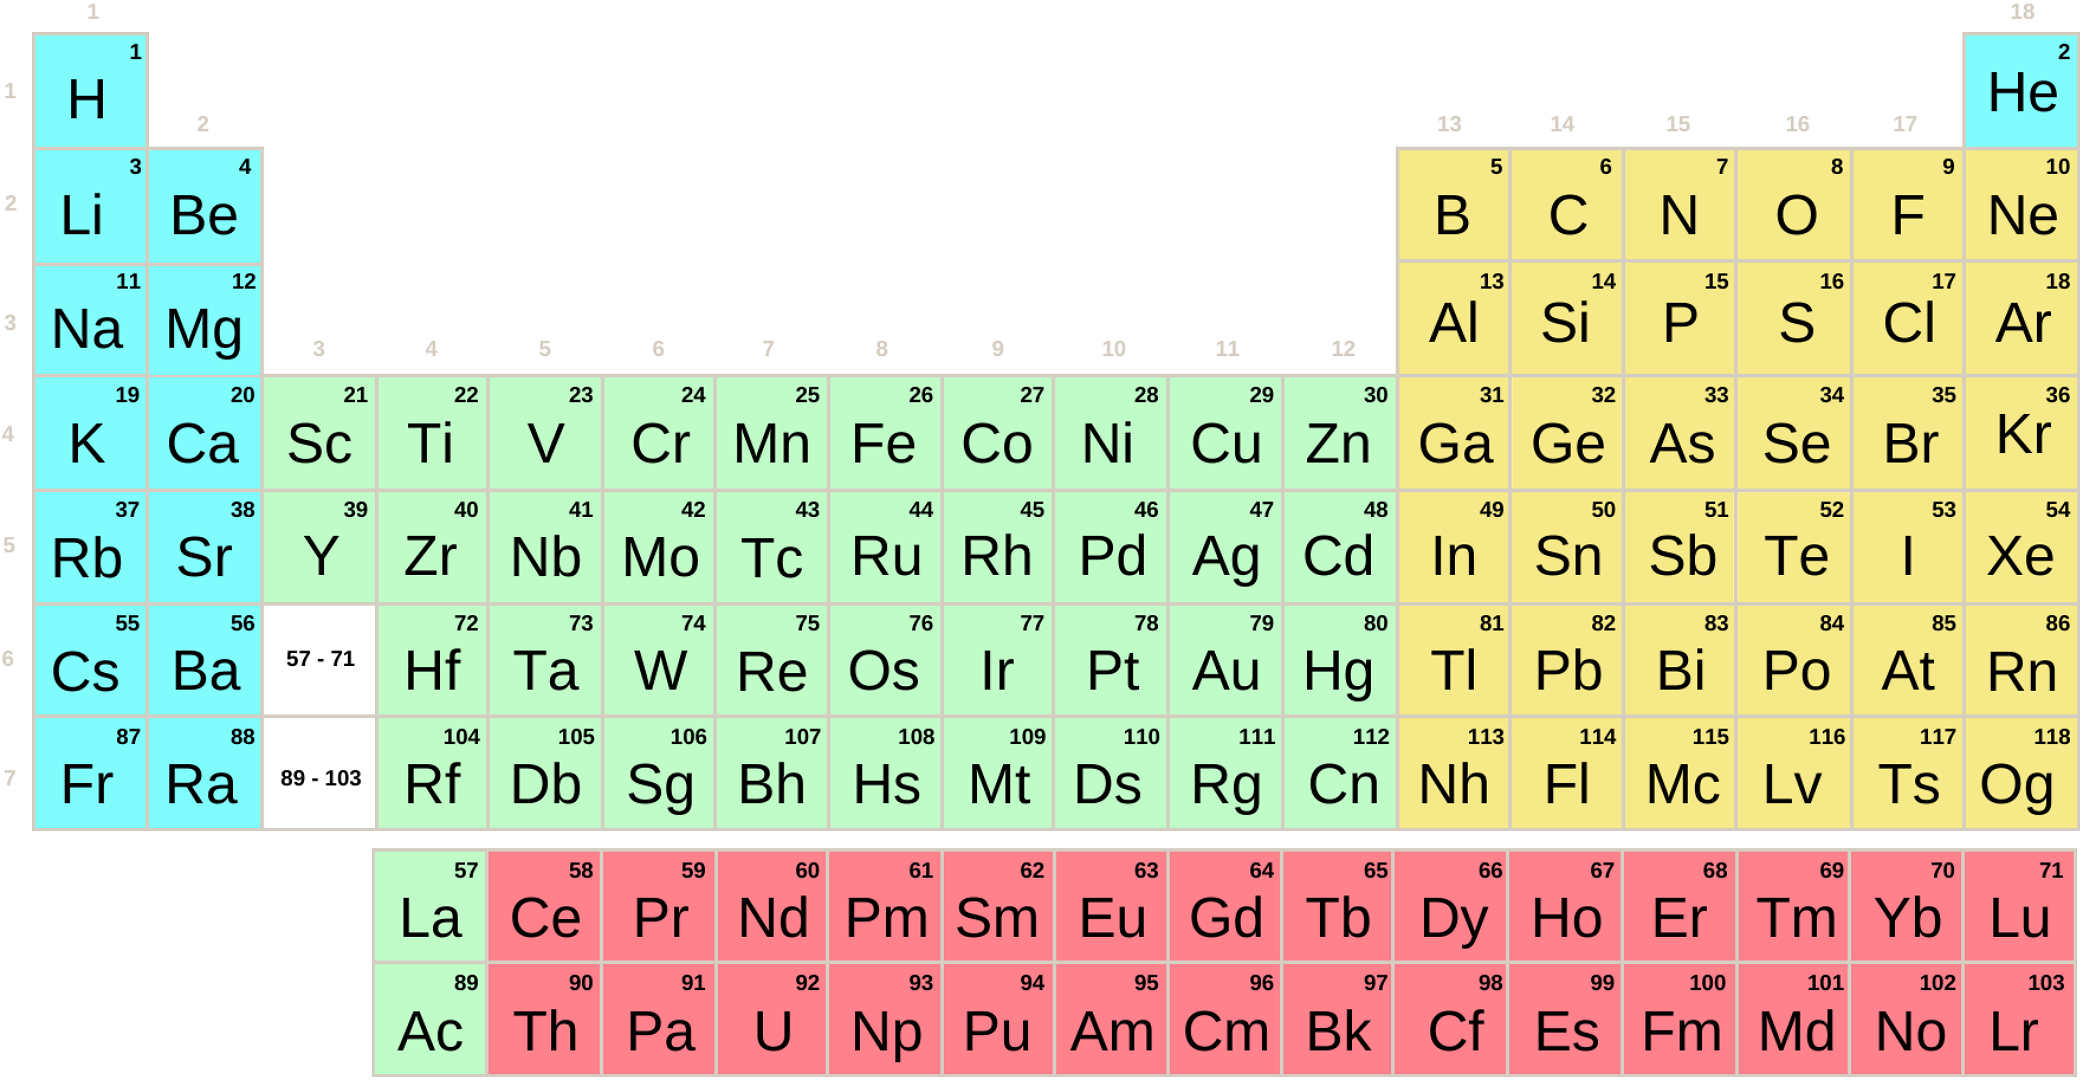 Taula periòdica per blocs SDPF amb símbols (Secundària-Batxillerat)